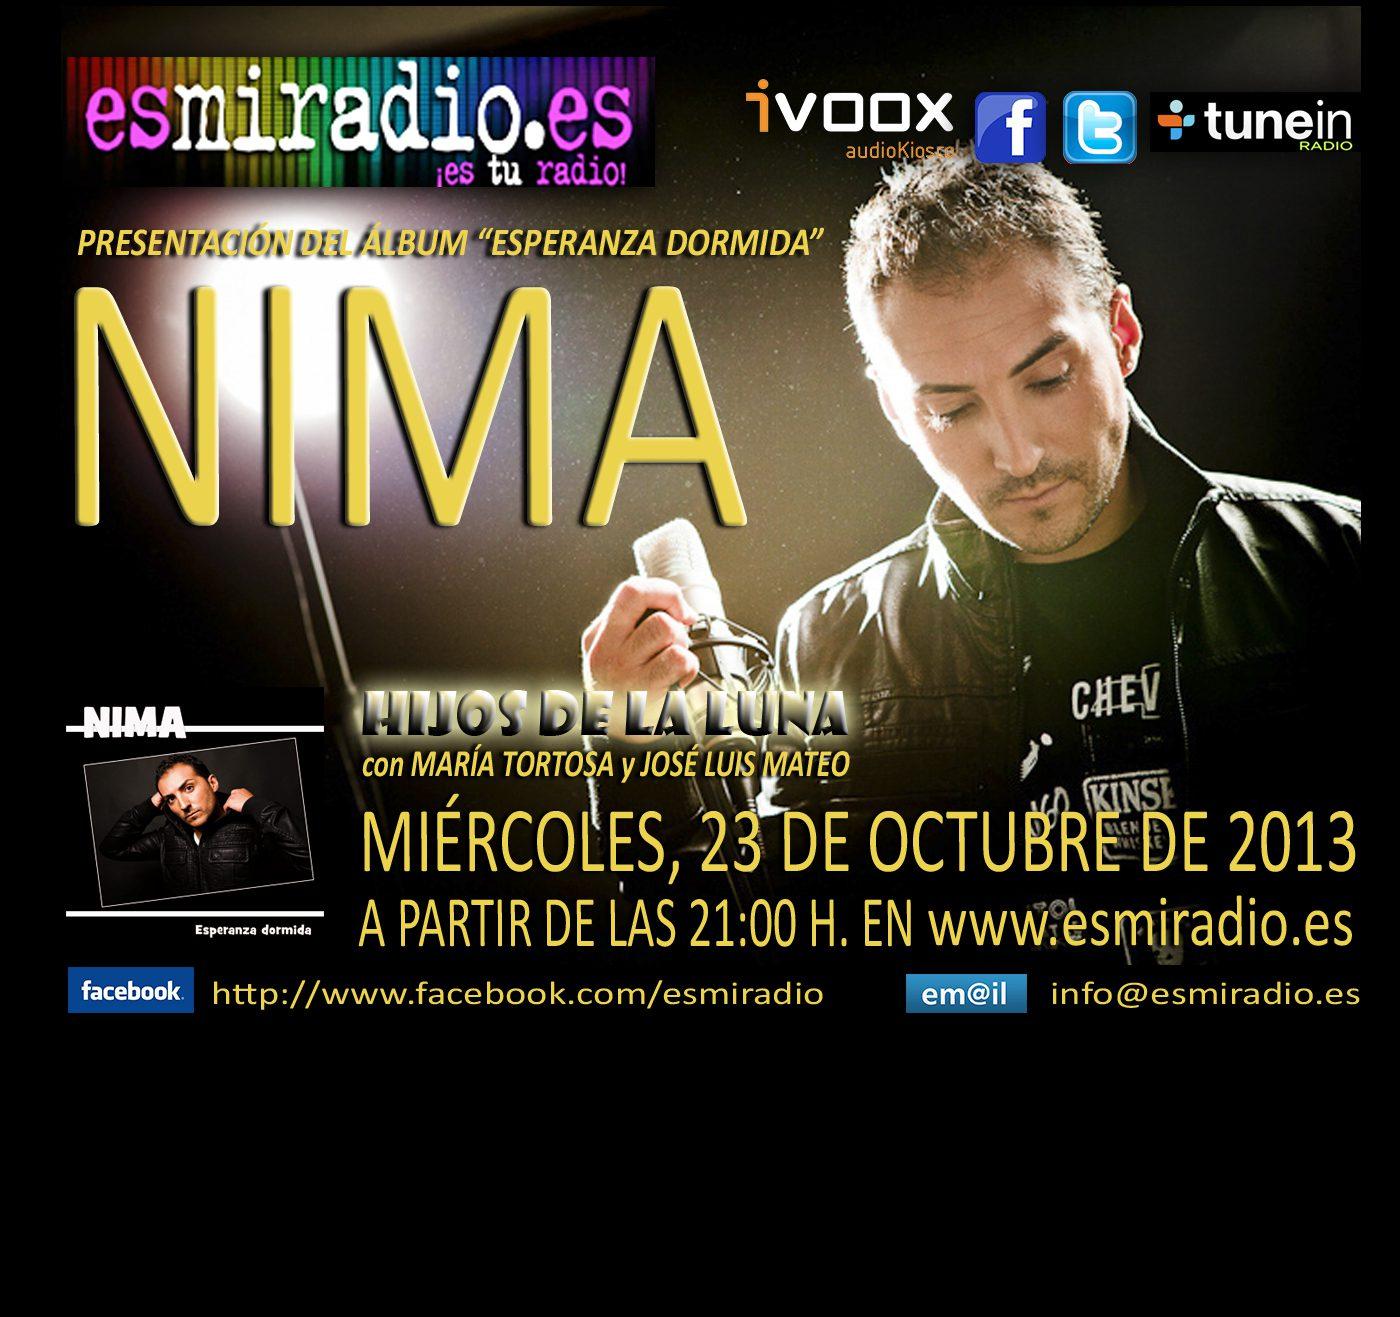 El próximo Miércoles 23 de Octubre Nima en esmiradio.es